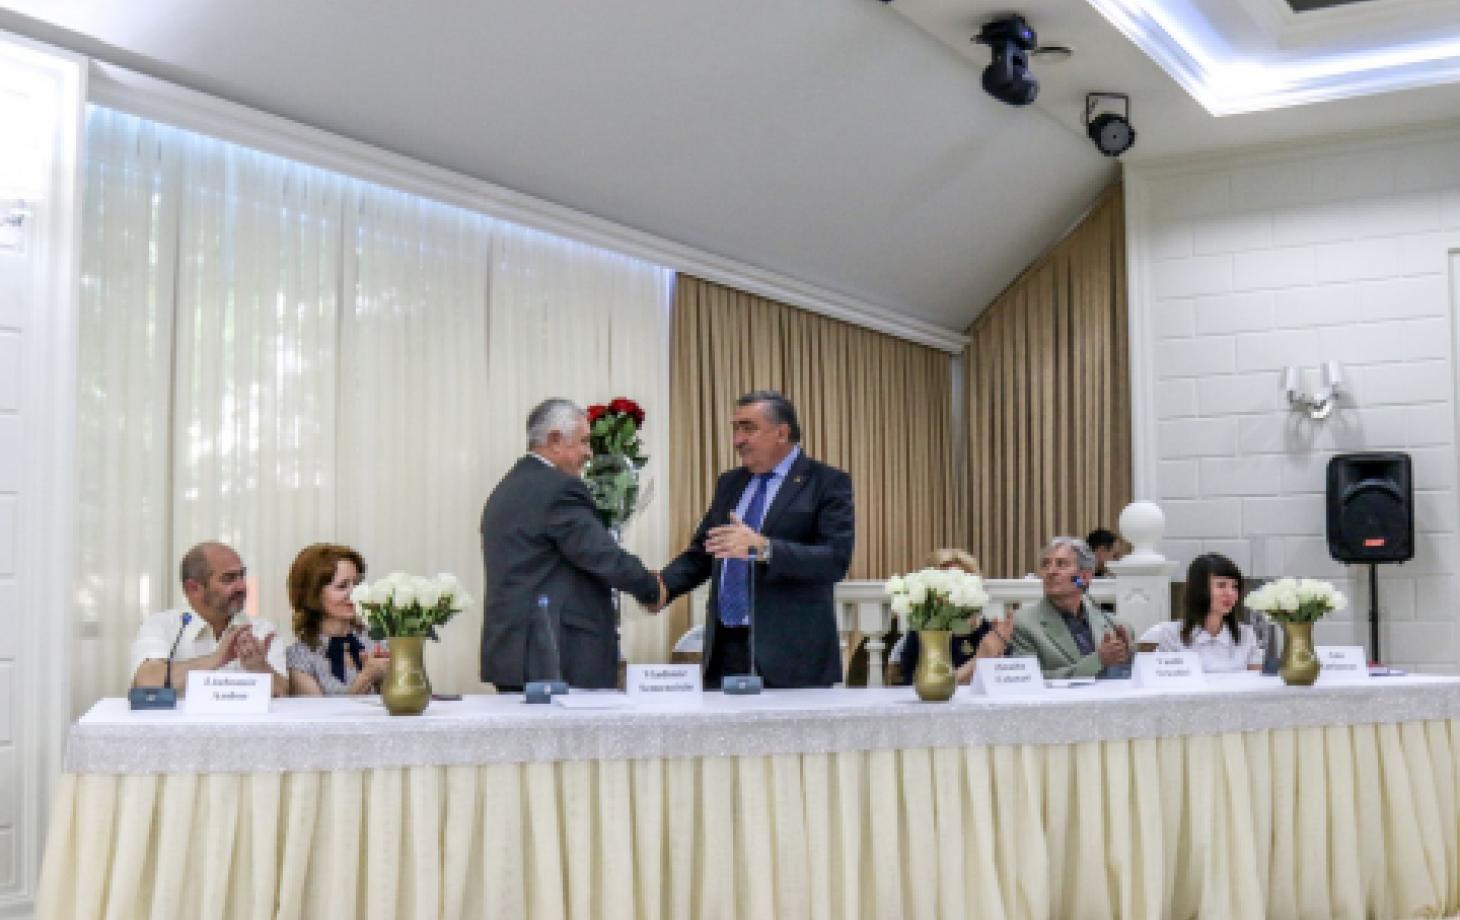 Владимир Семенчишин принимает букет и поздравления от депутата Парламента Владимира Хотиняну.